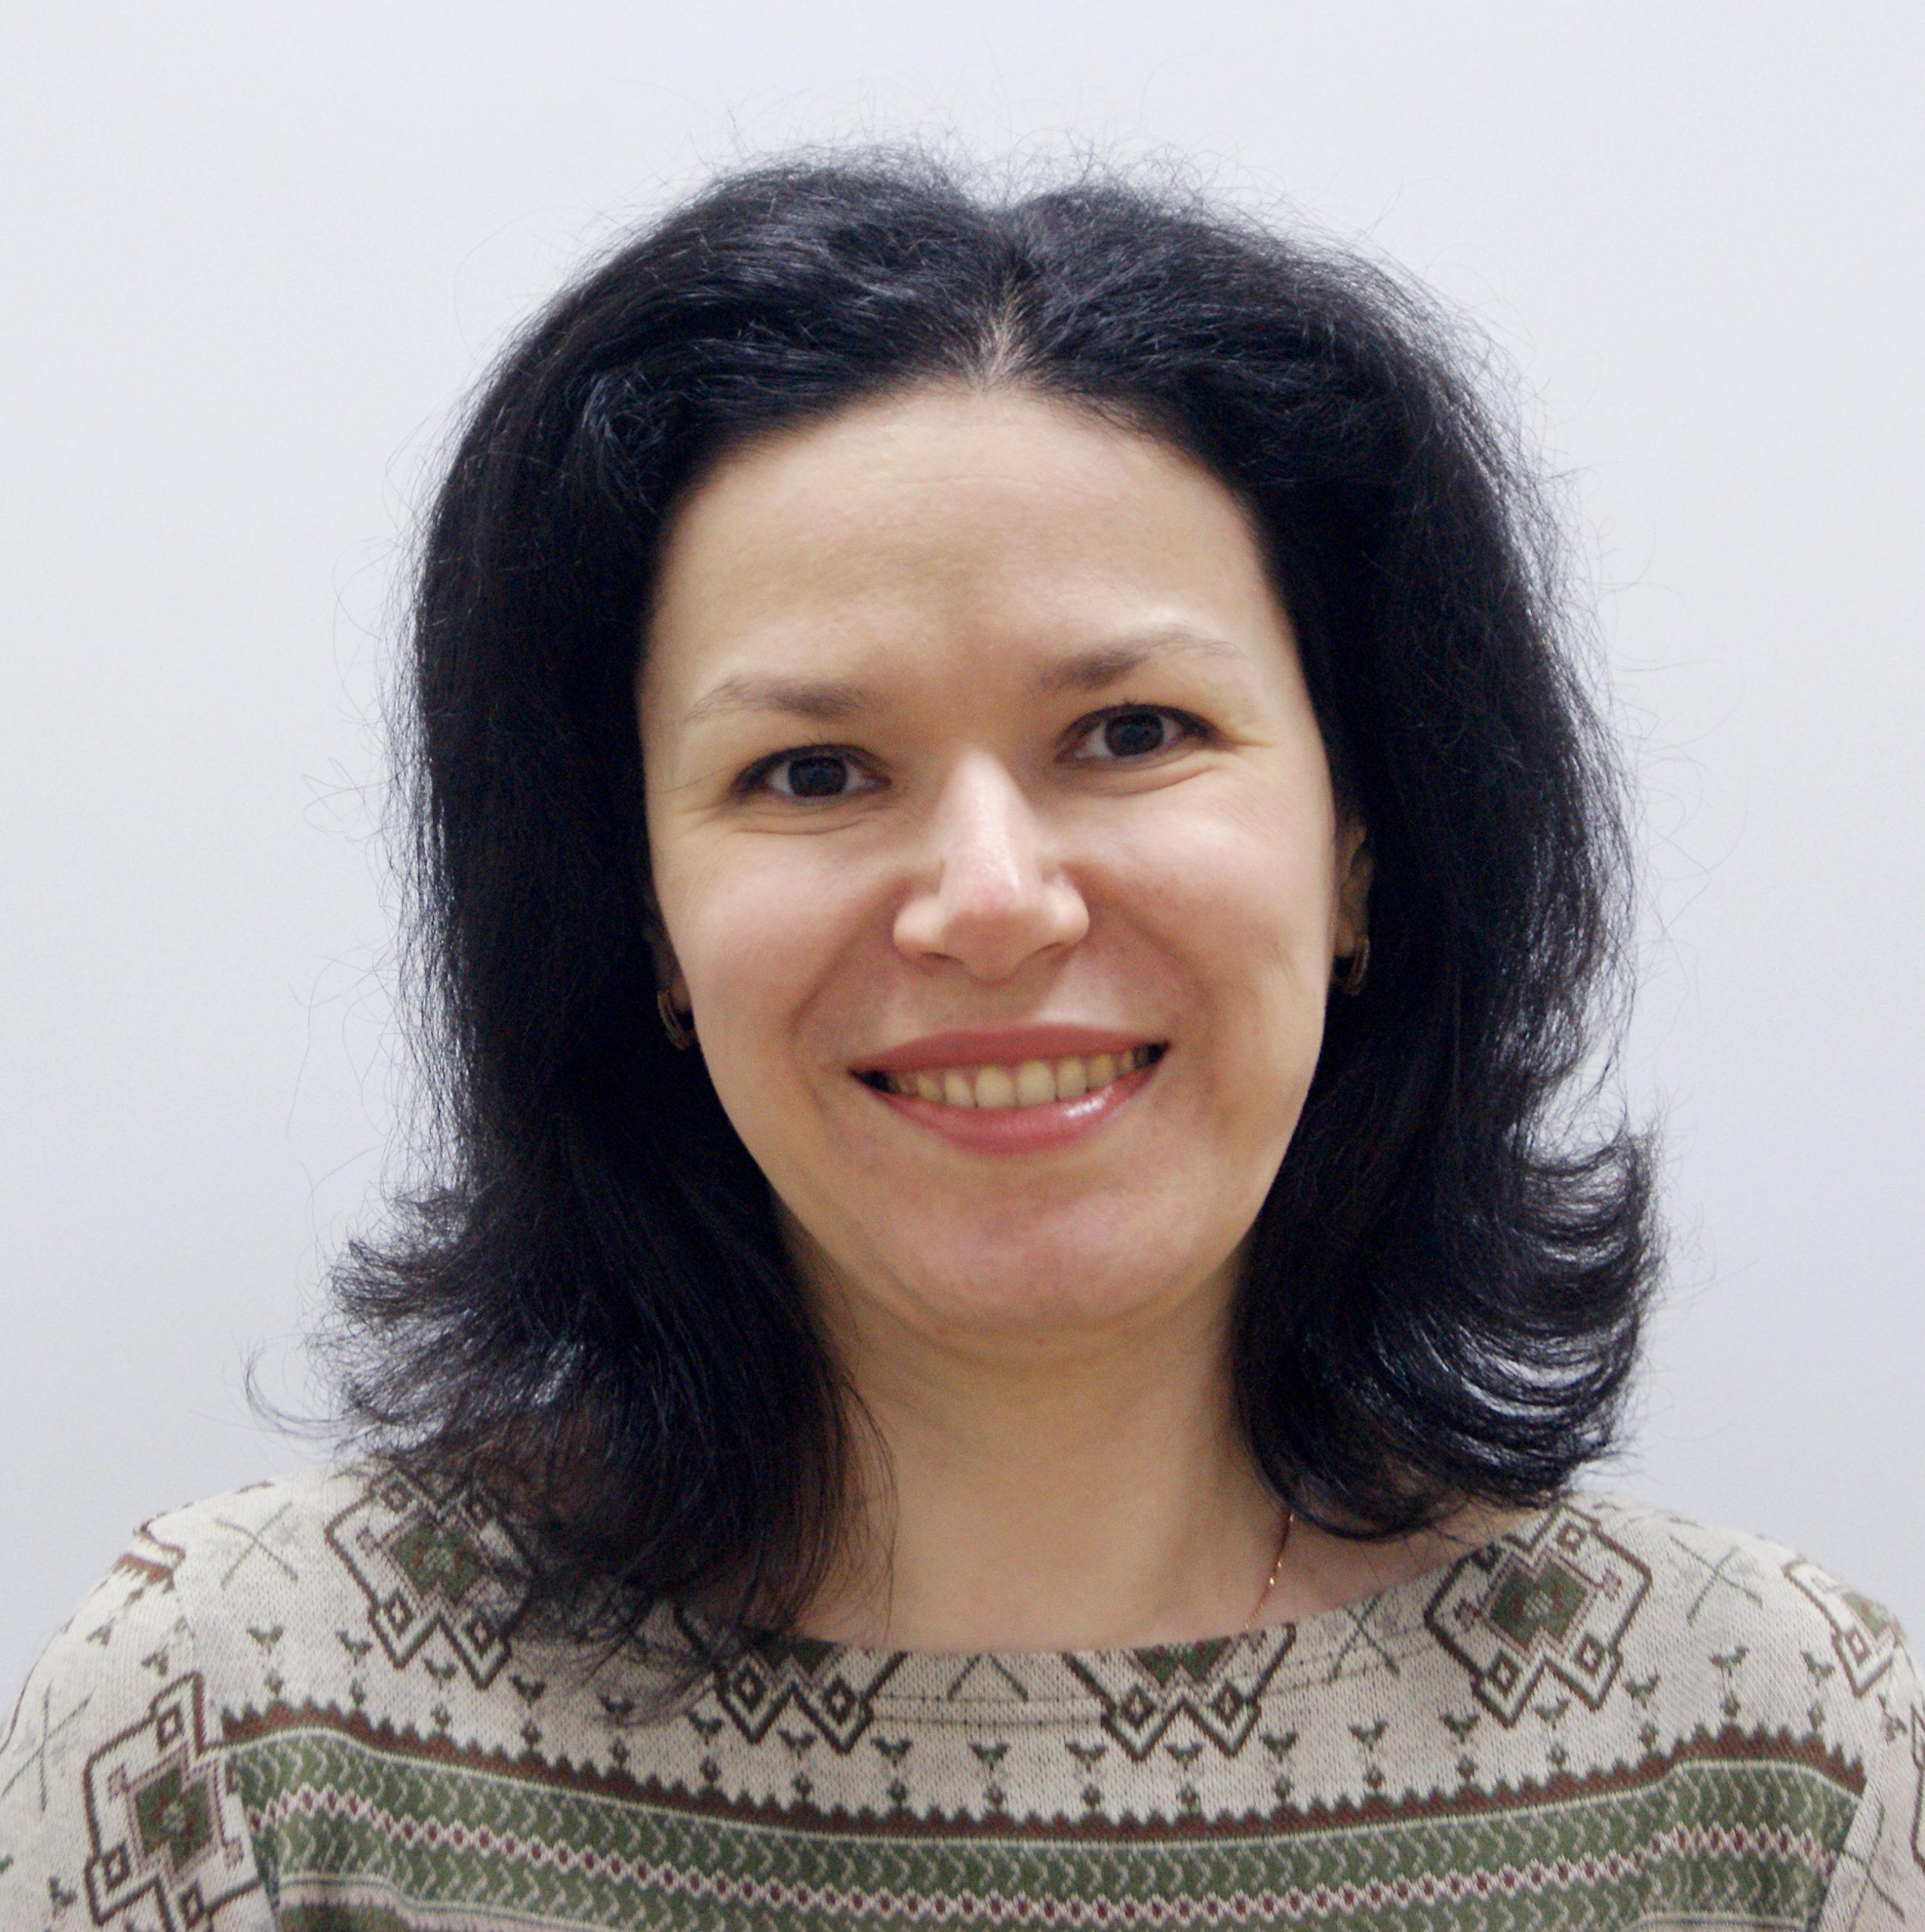 Гулиянц Светлана Борисовна